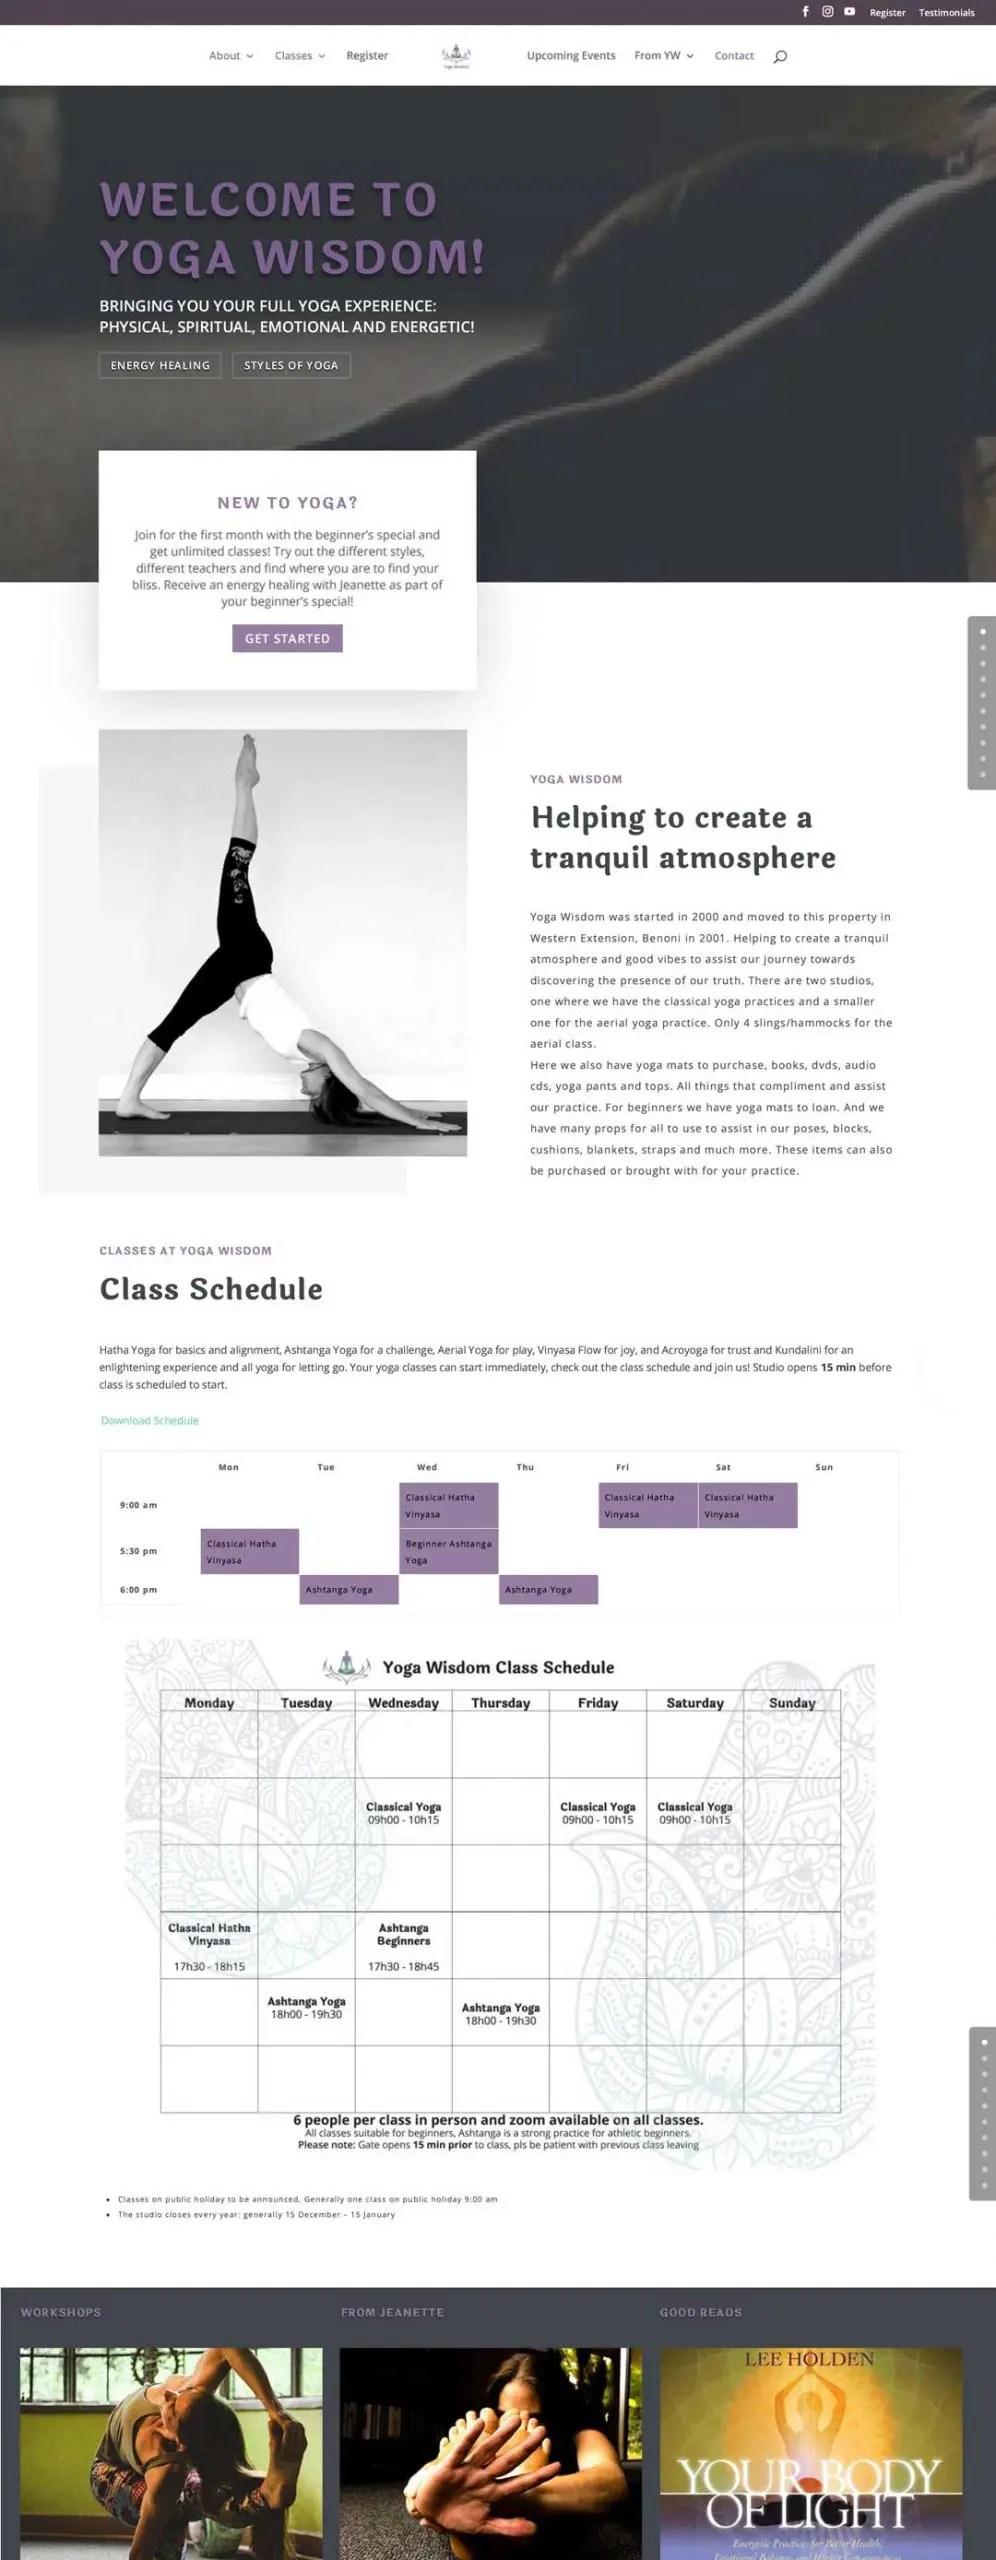 Yoga Wisdom Website